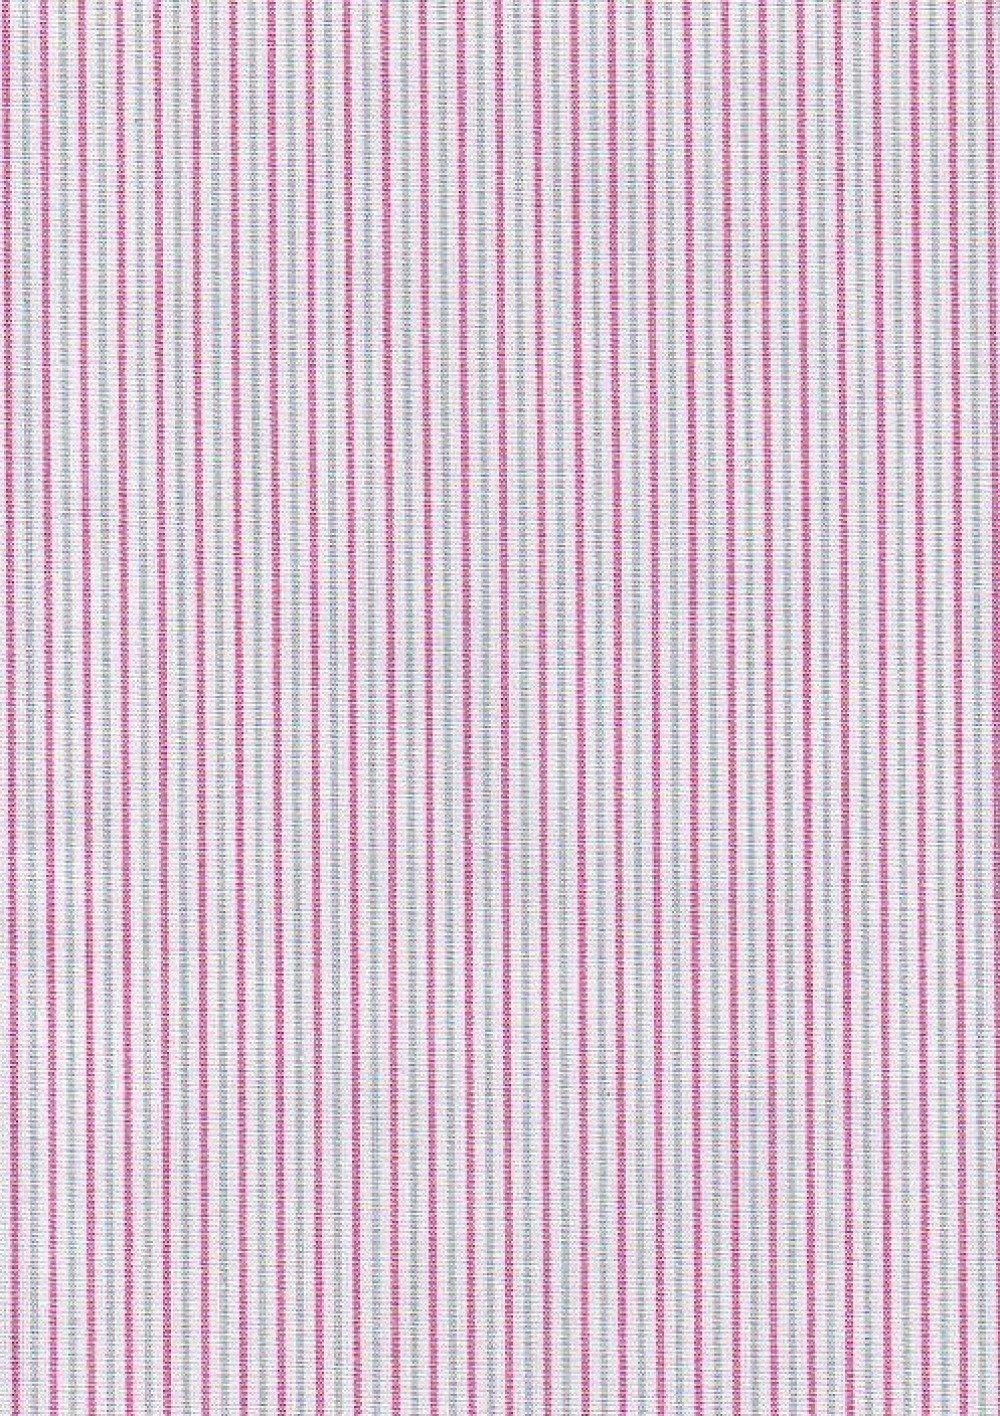 Tissu fines rayures Rose/Gris fond blanc Réf.R8 50x50cm